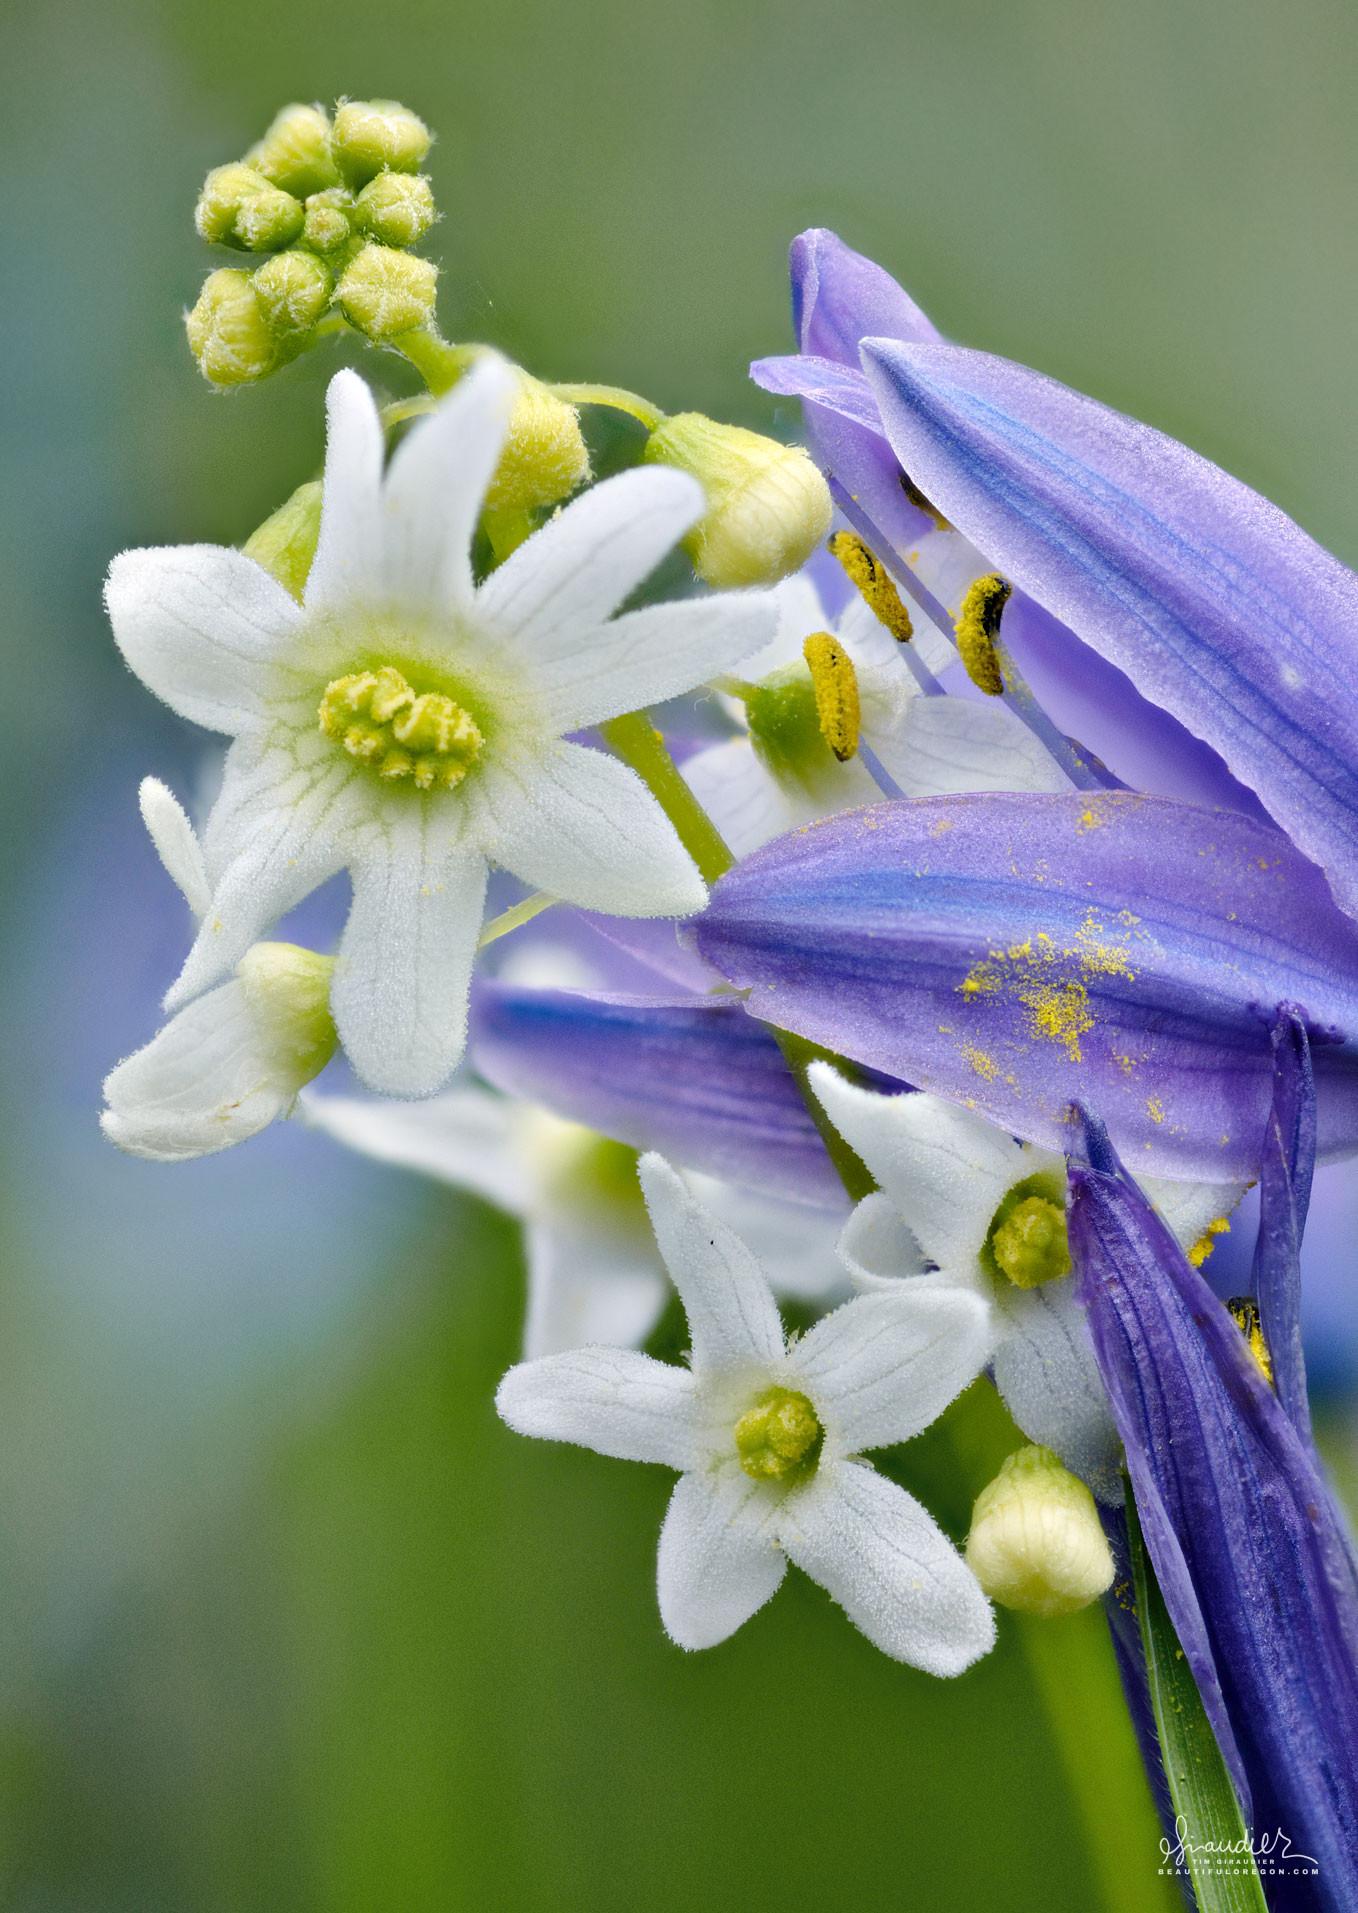 camas lily wildflower manroot